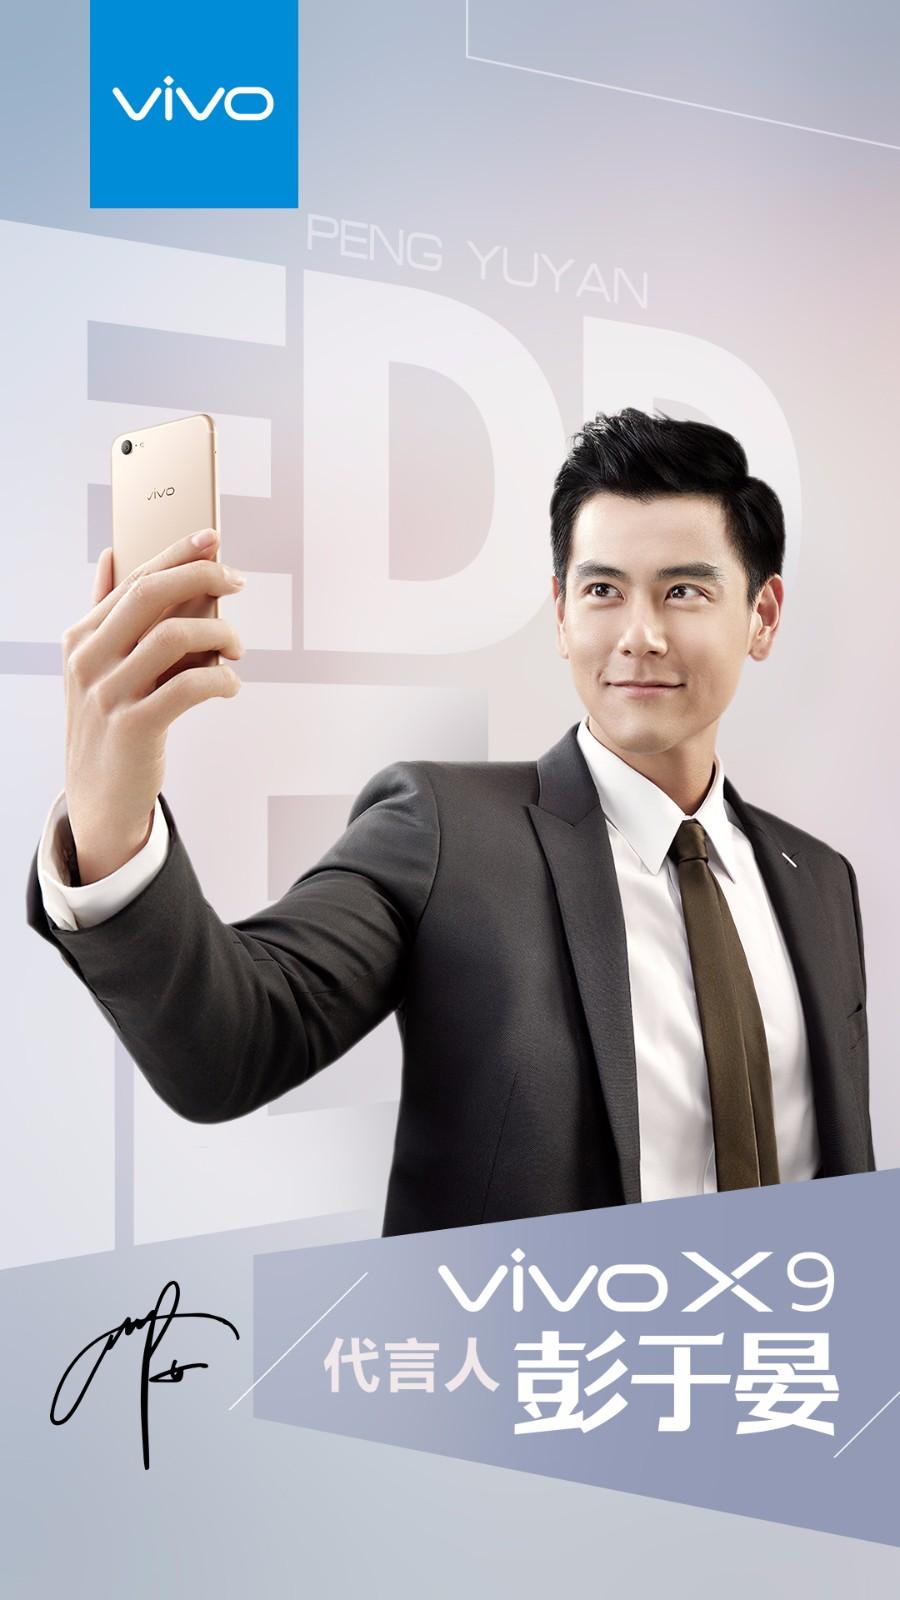 """vivo X9这款前置柔光双摄手机是不是和男神的气质更搭呢?彭于晏正式成为vivo新品代言人,""""他不仅有帅气的颜值,更有十项全能般的才华。帅的人有很多,他却要做最拼的那一个。他是全能男神,vivo X9新品代言人彭于晏。"""""""